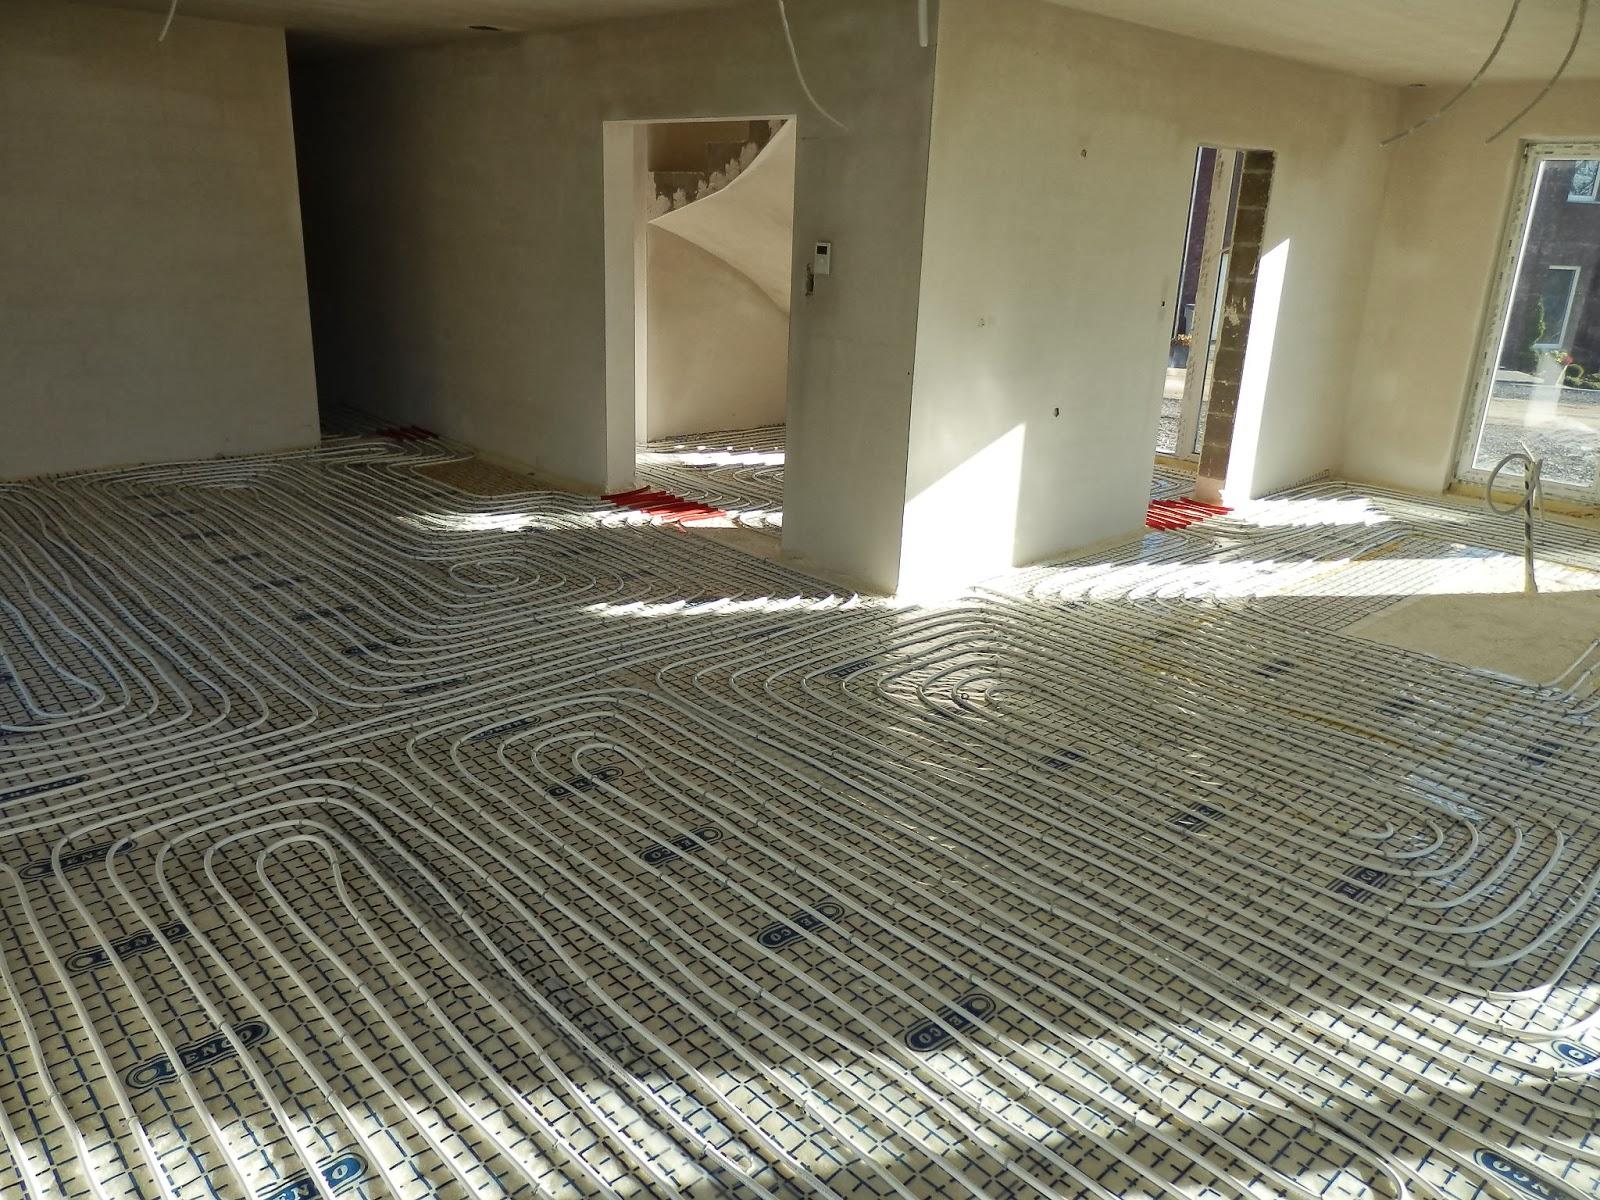 notre maison constuction avec t p citerne de gaz et chauffage au sol 16 12 2013. Black Bedroom Furniture Sets. Home Design Ideas